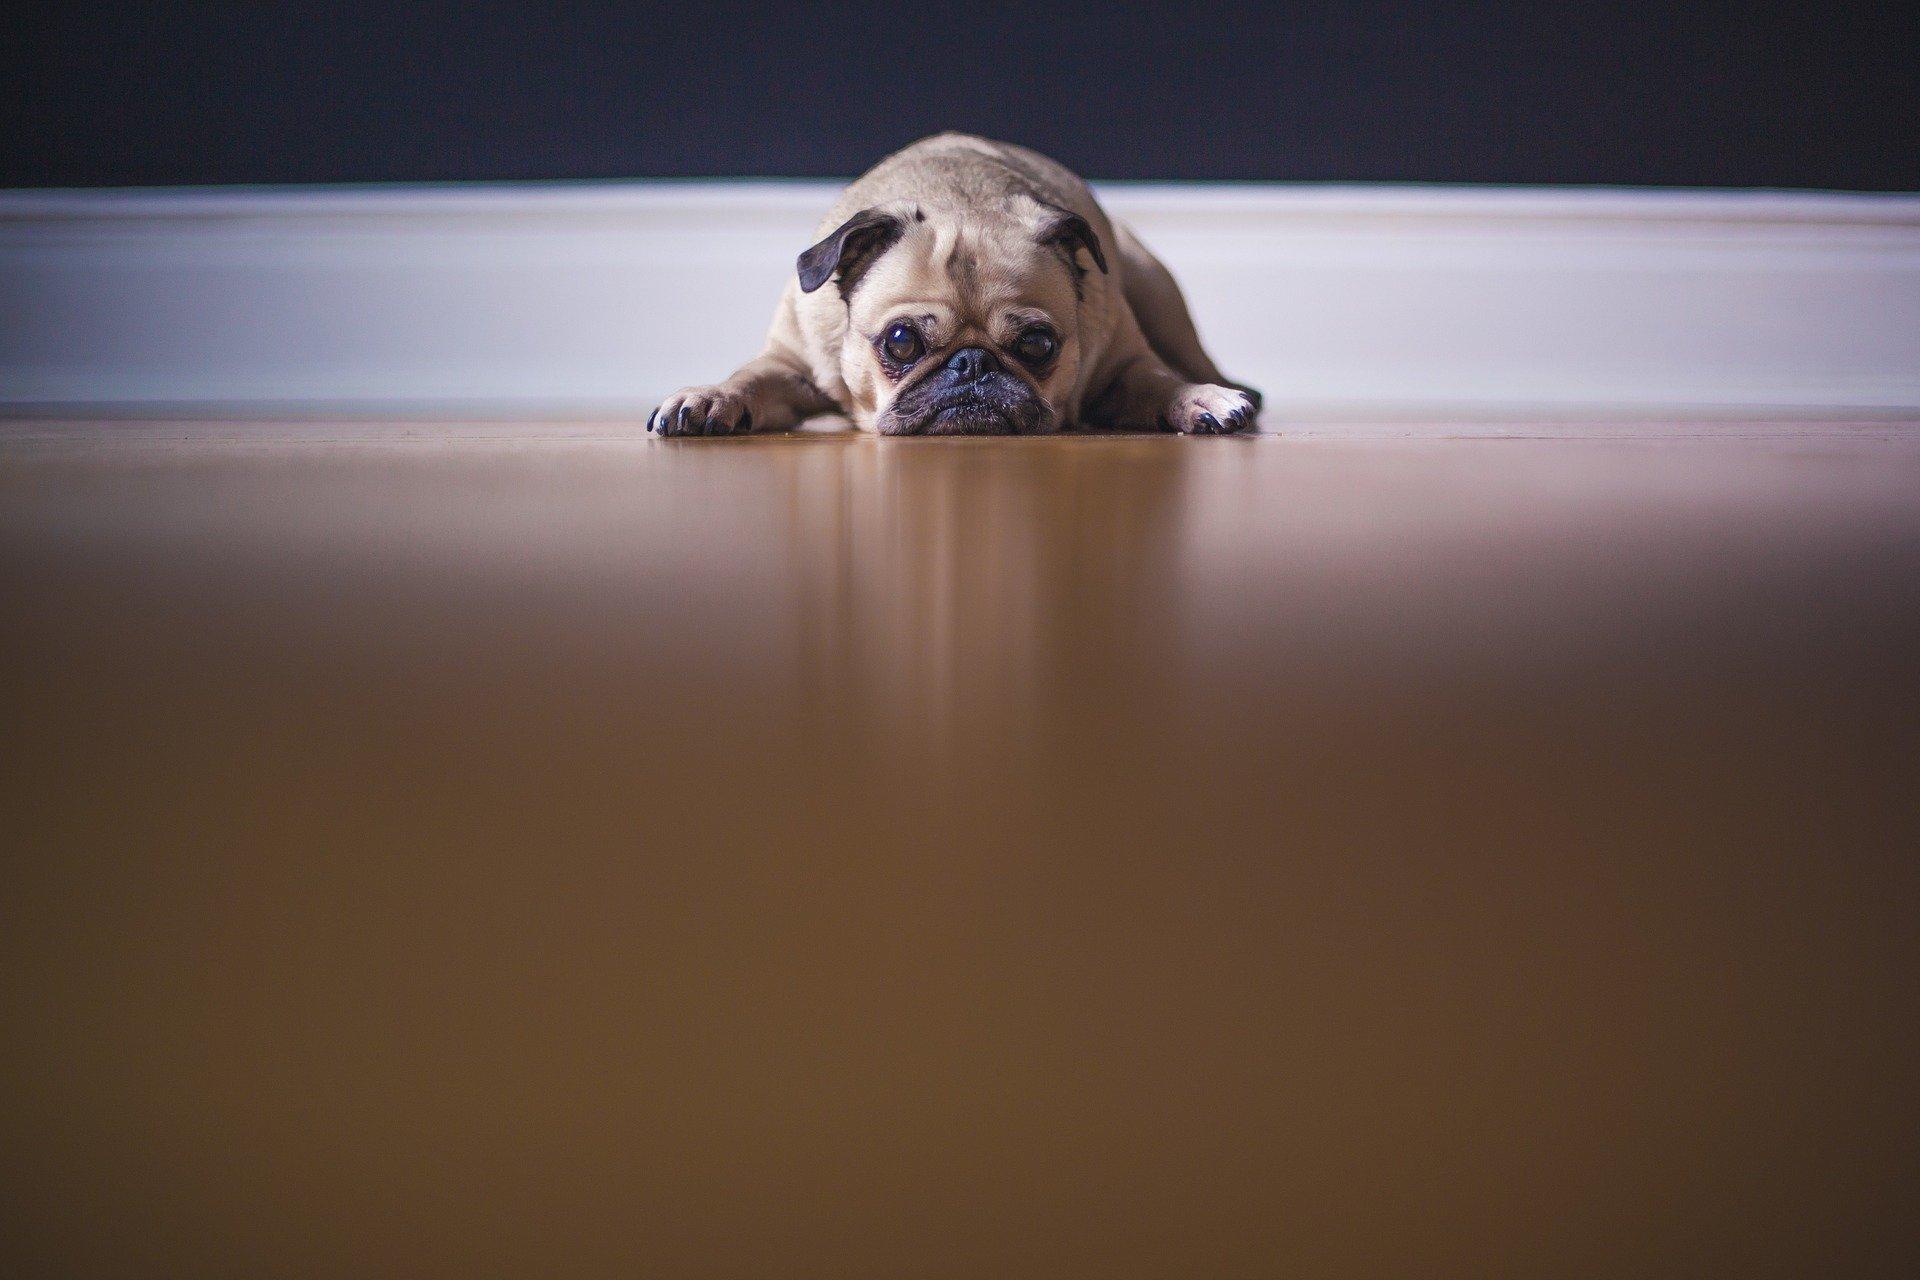 180121 Down dog